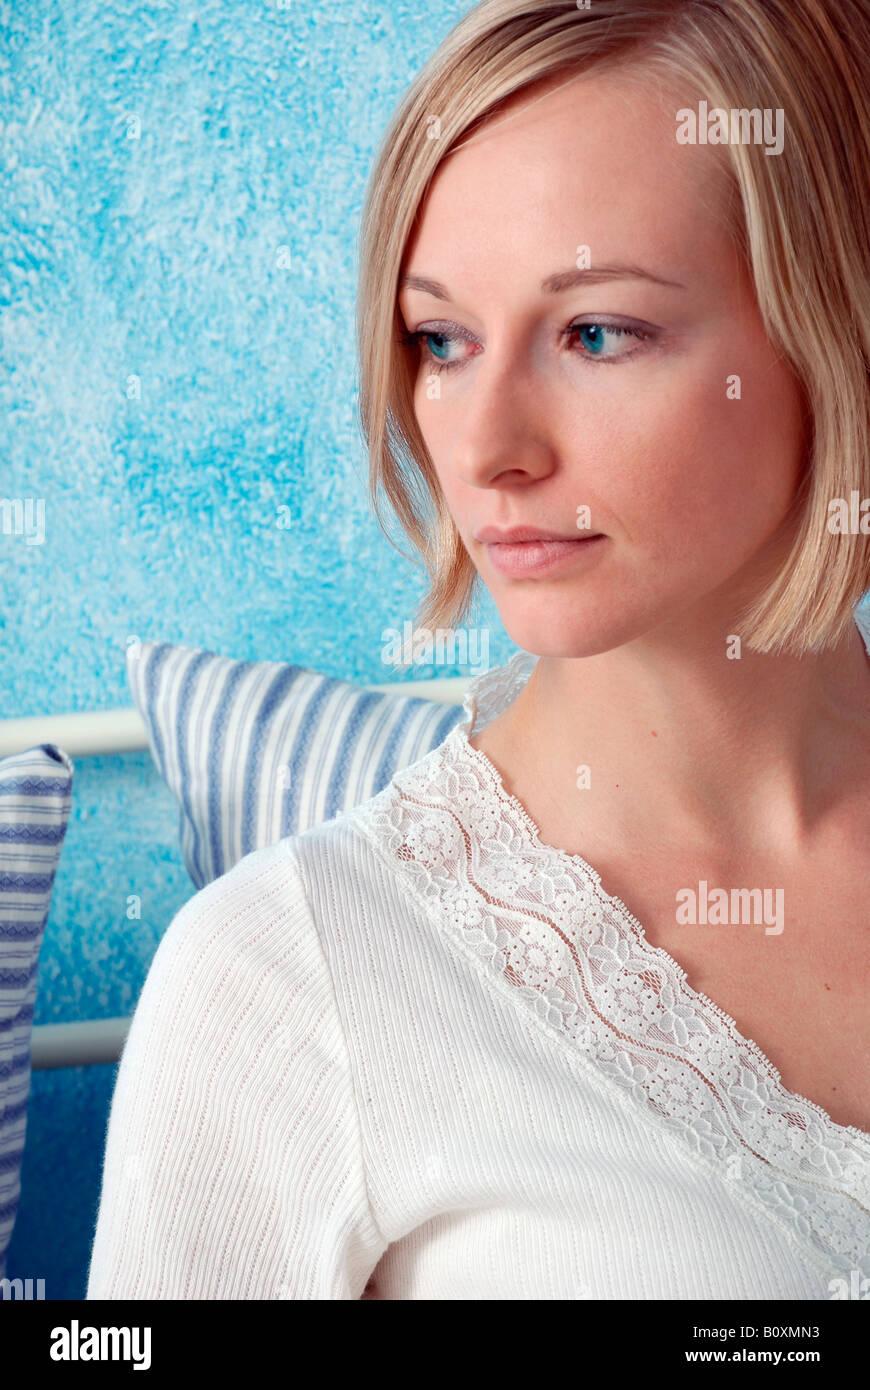 Blonde Frau, portrait Stockbild